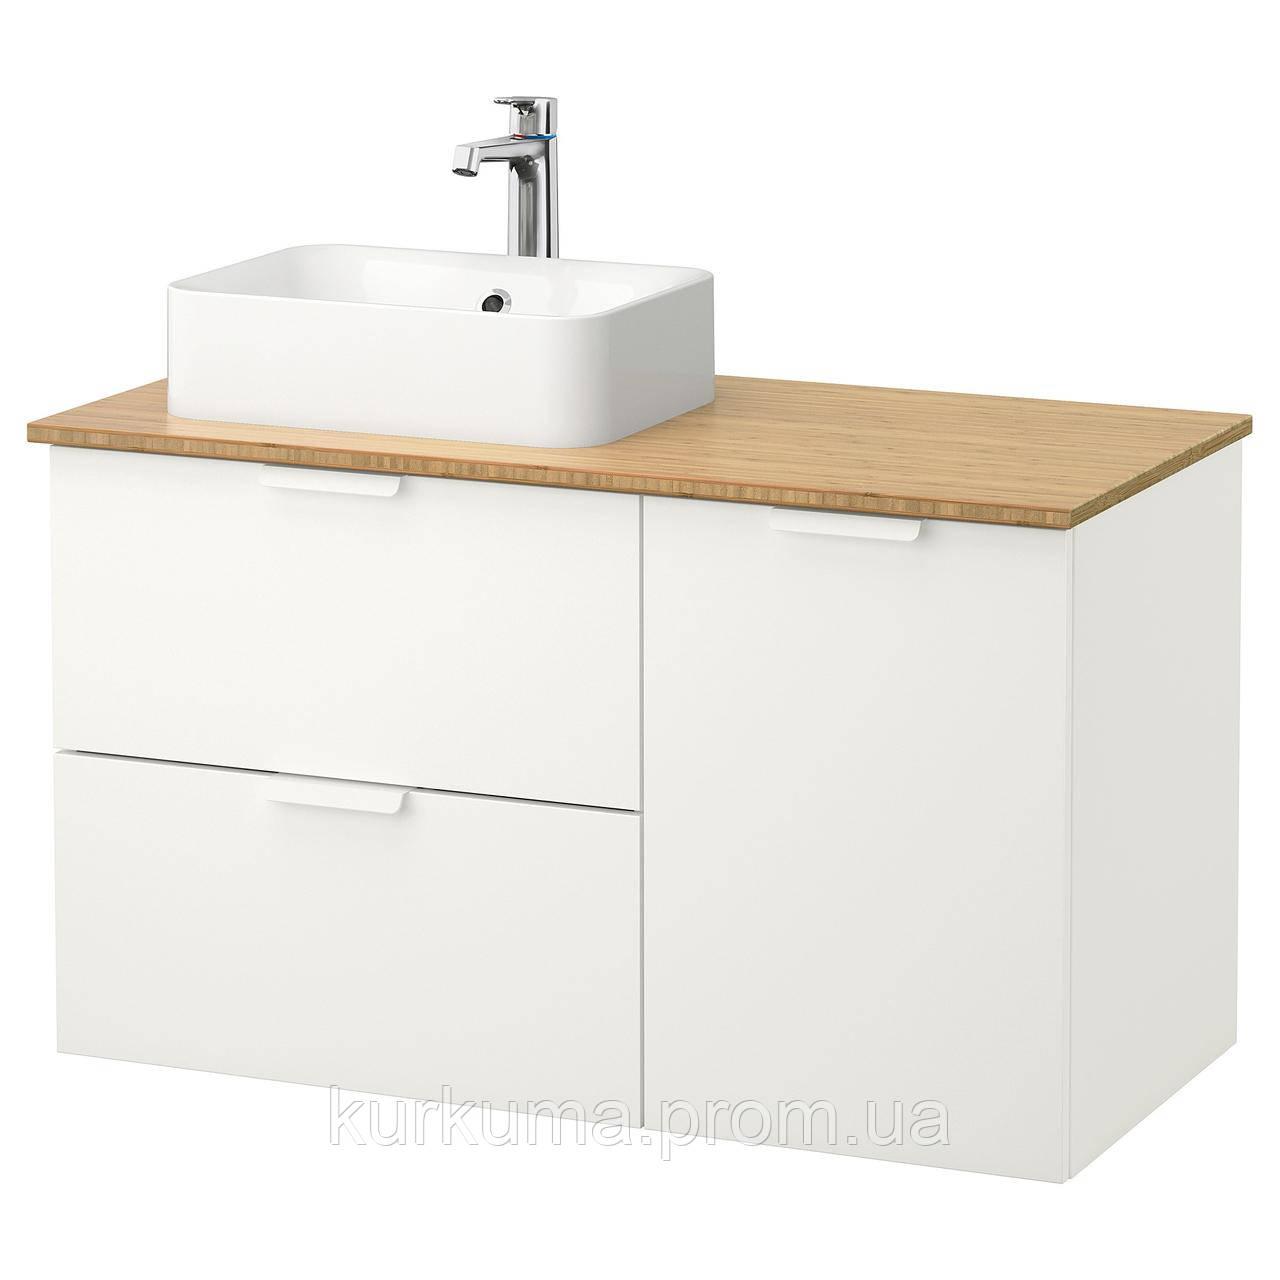 IKEA GODMORGON/TOLKEN/HORVIK Шкаф под умывальник с раковиной 45x32, белый, бамбук  (692.085.16)